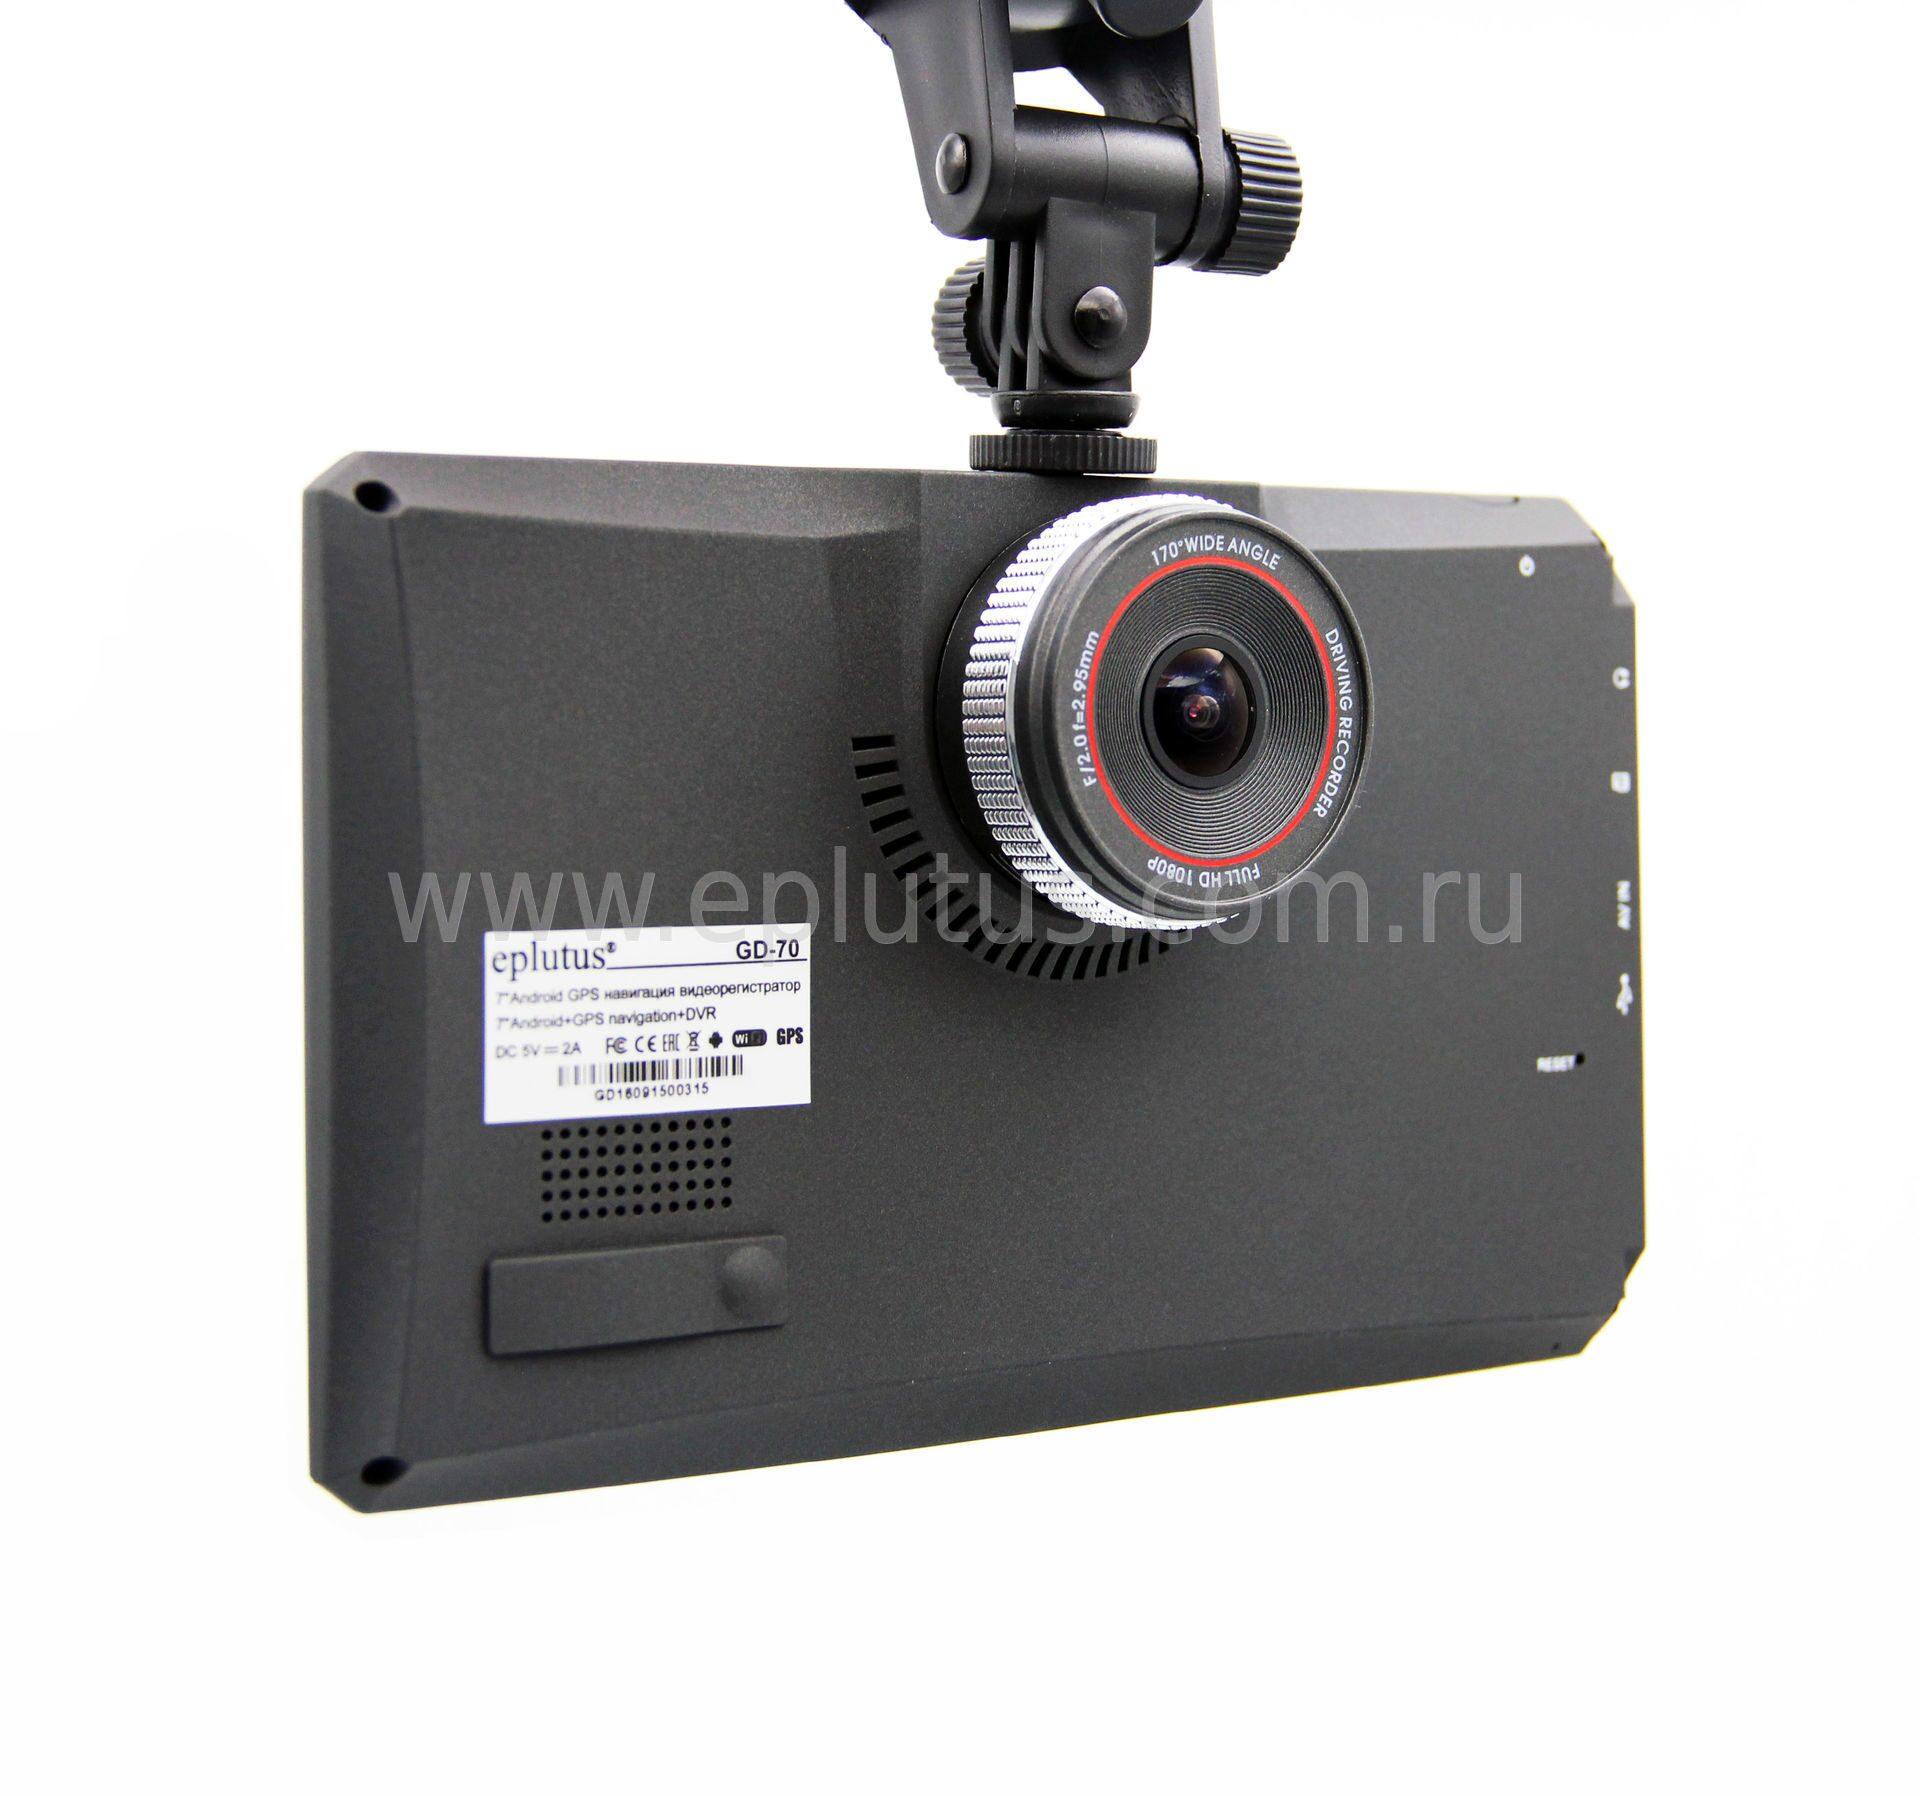 Навигатор видеорегистратор 2в1